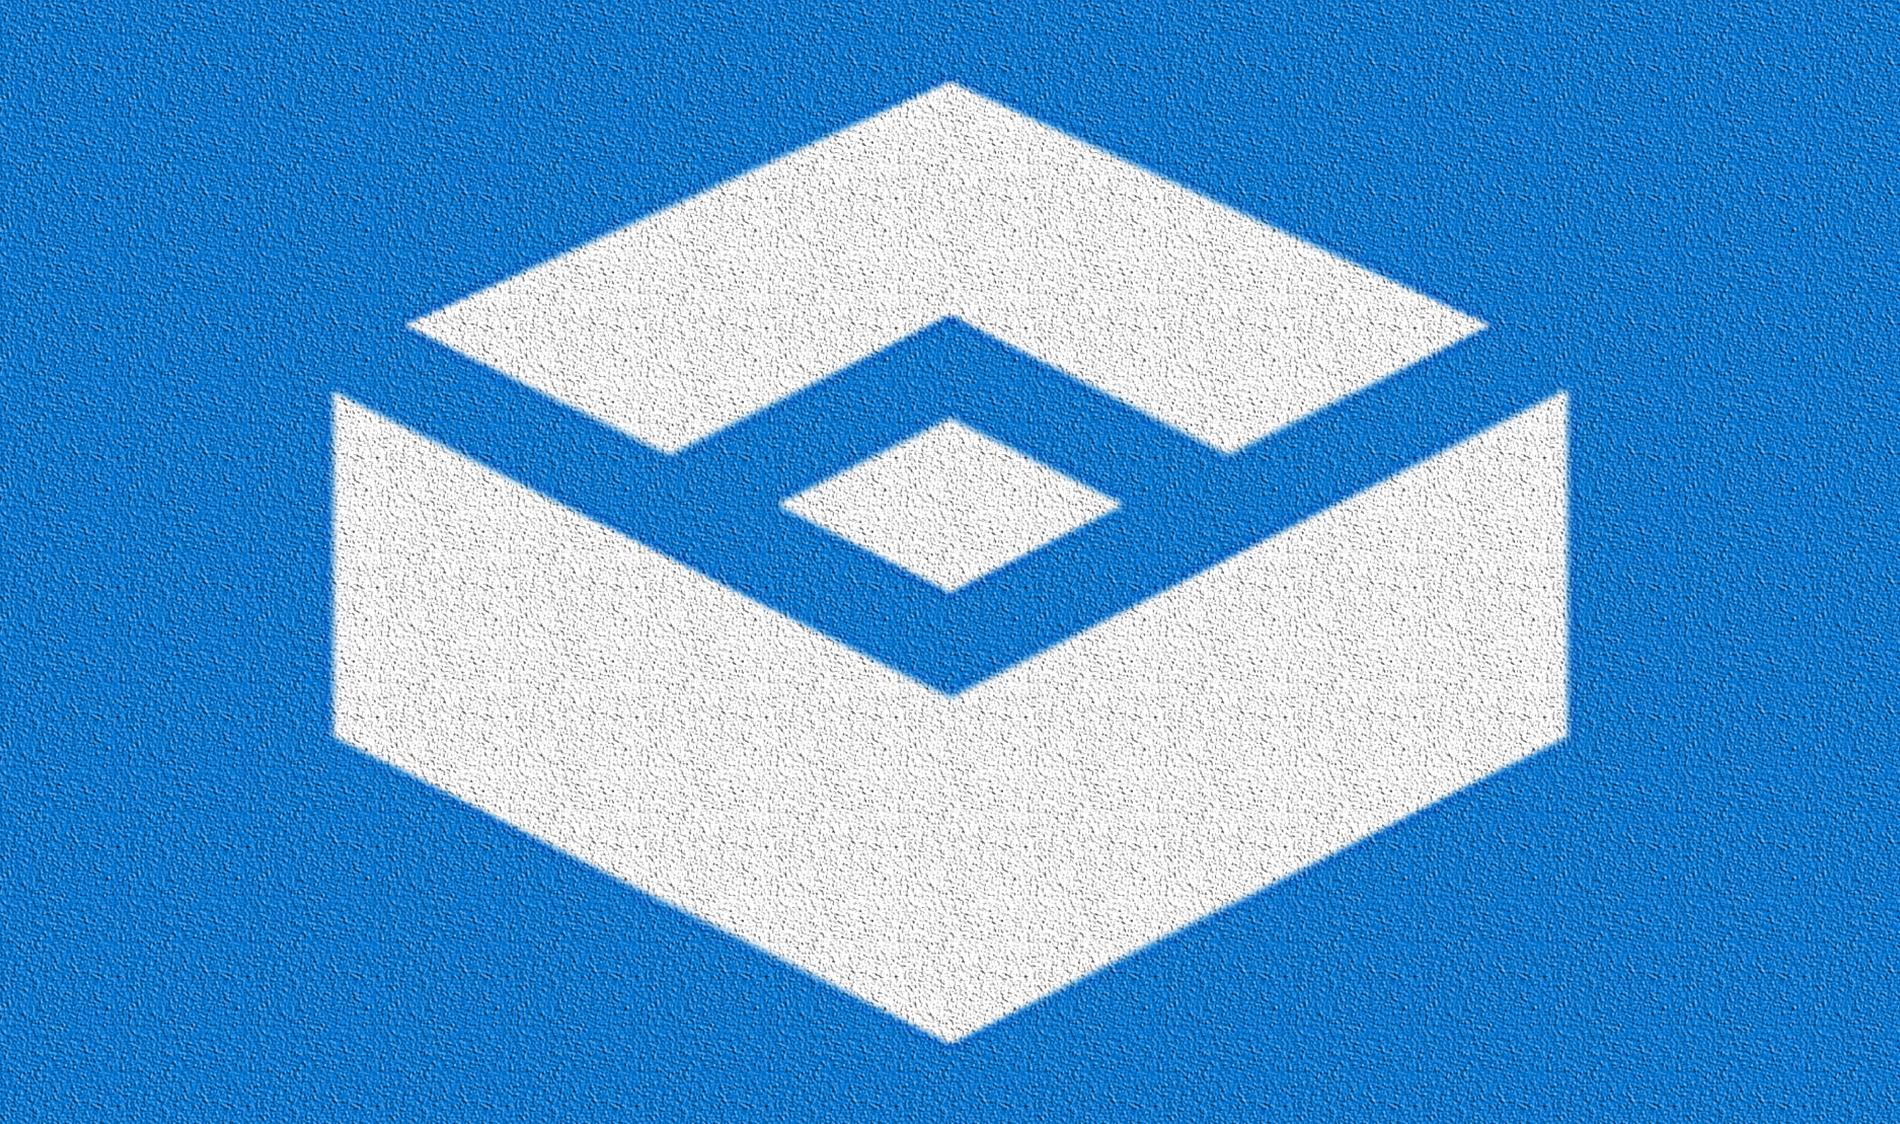 Wie man das Problem behebt Windows Sandbox Keine Internetverbindung